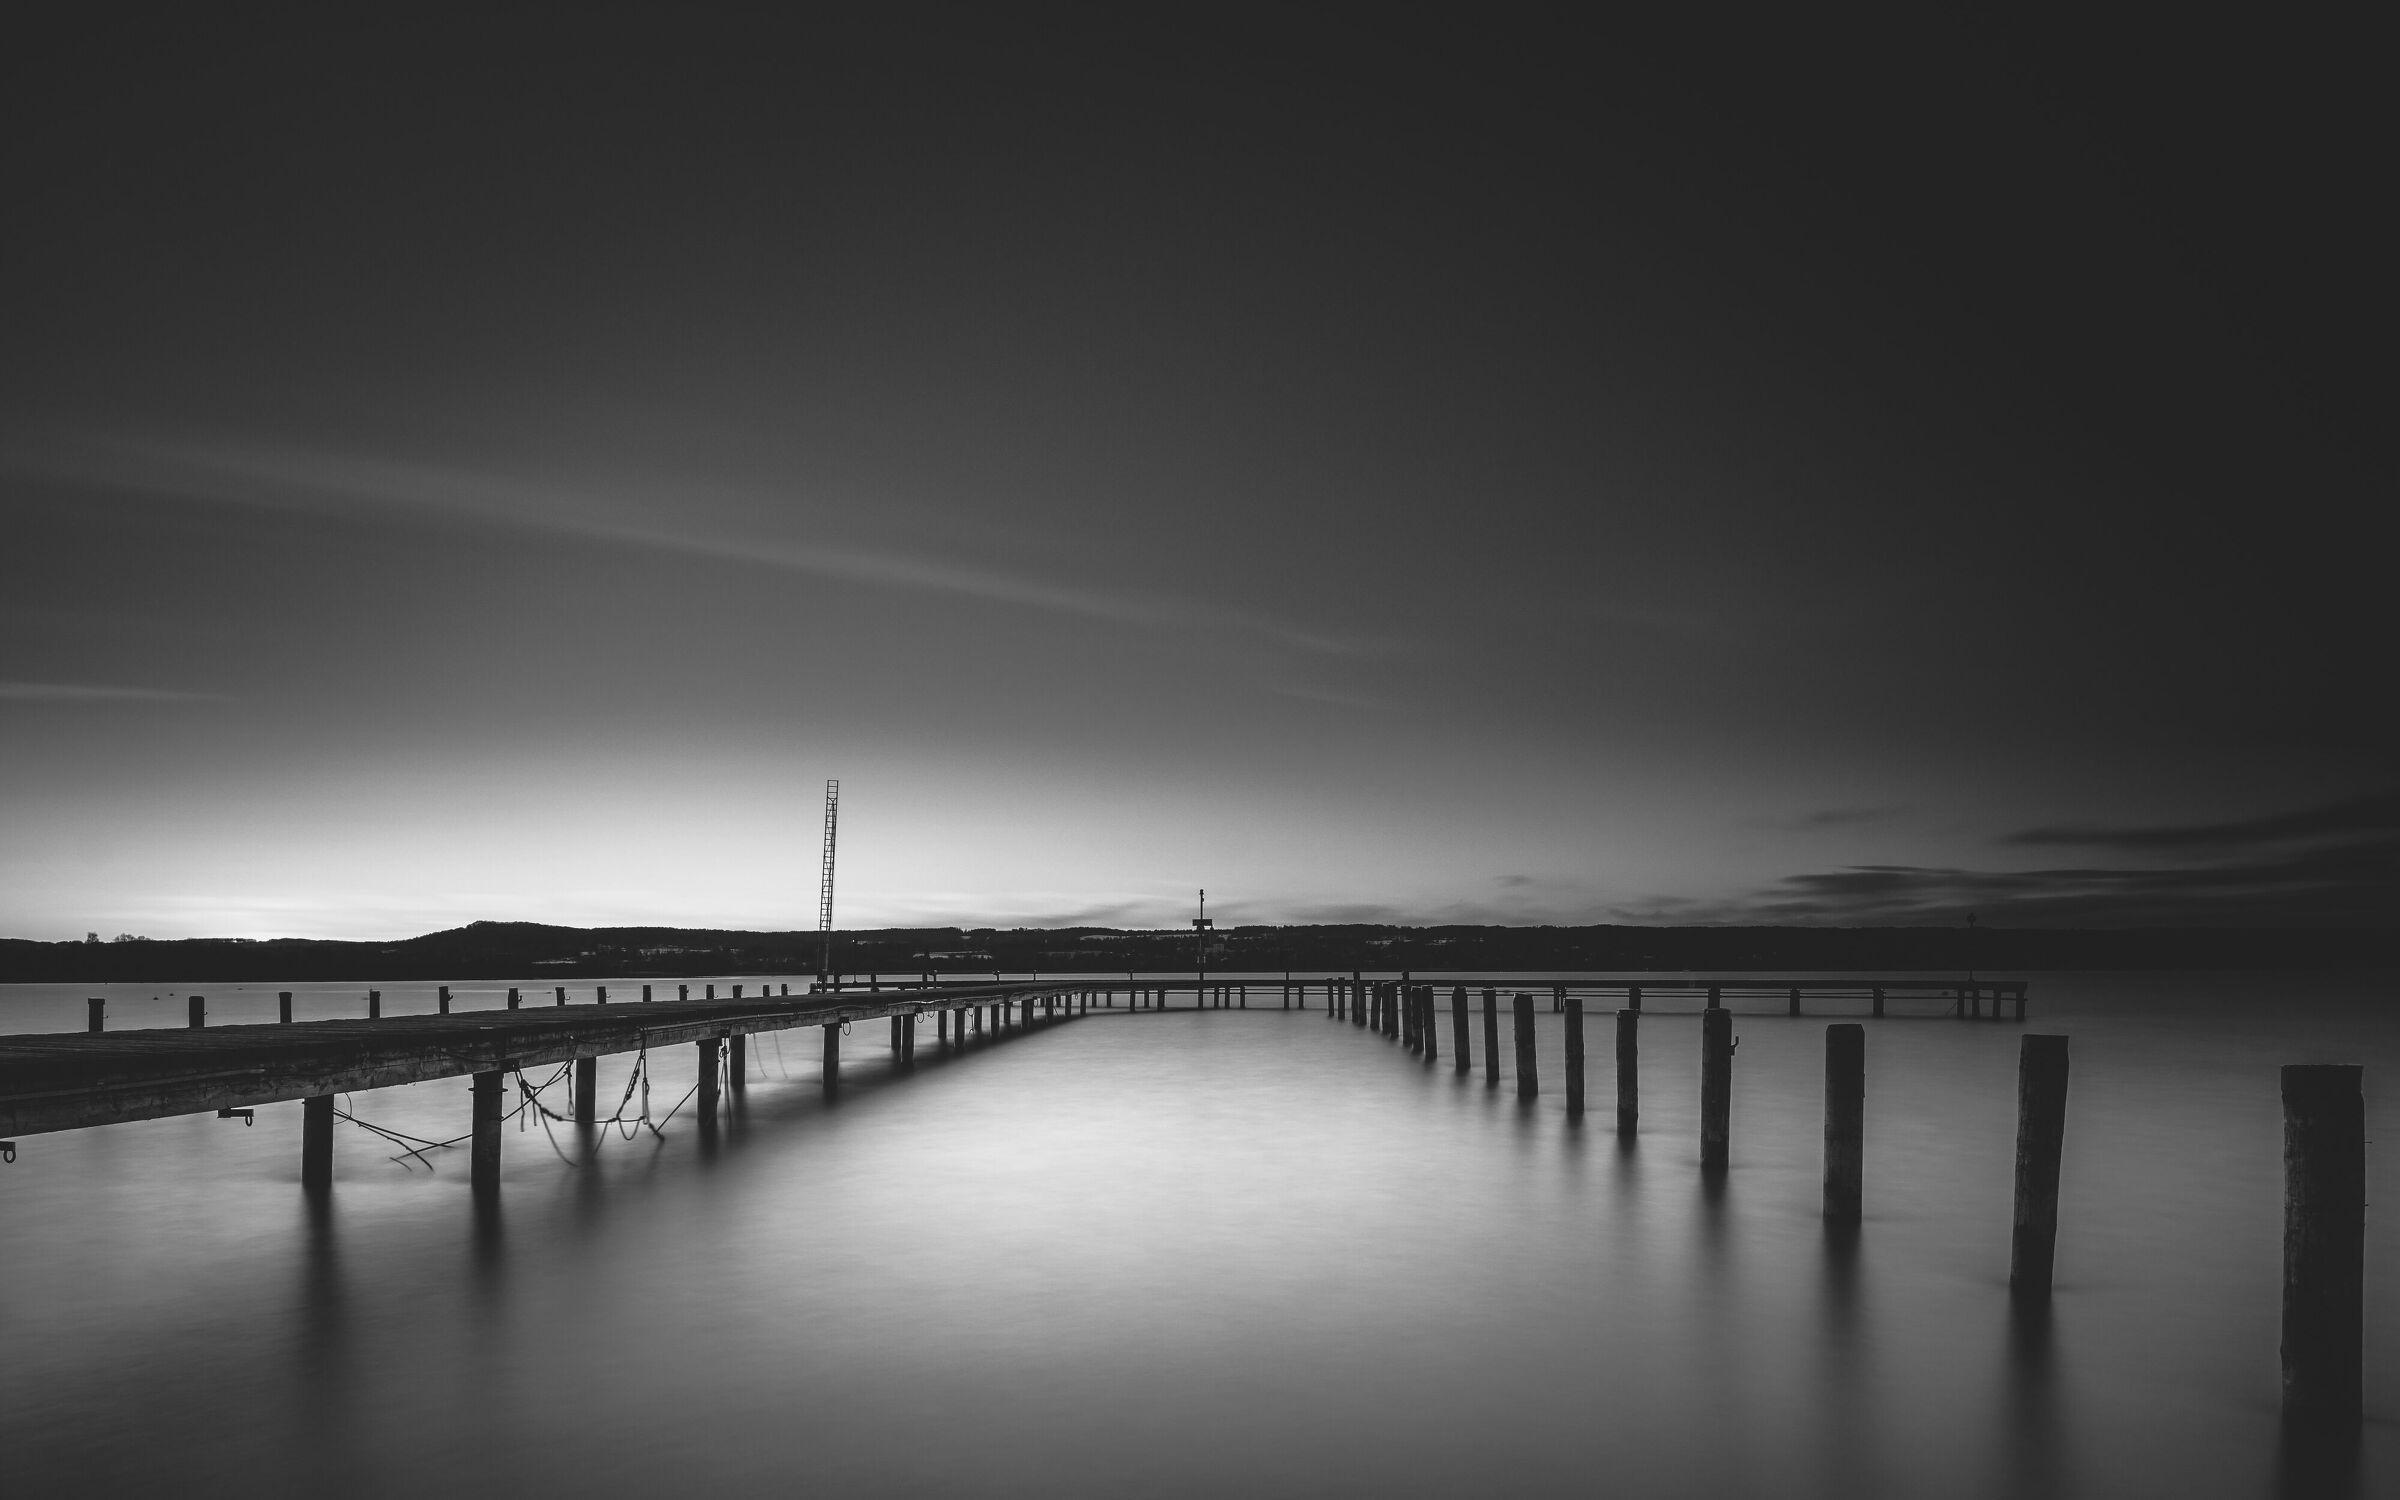 Bild mit Landschaften, Deutschland, Bootssteg, schwarz & weiss, Schwarz/Weiß Fotografie, Langzeitbelichtung, Ammersee